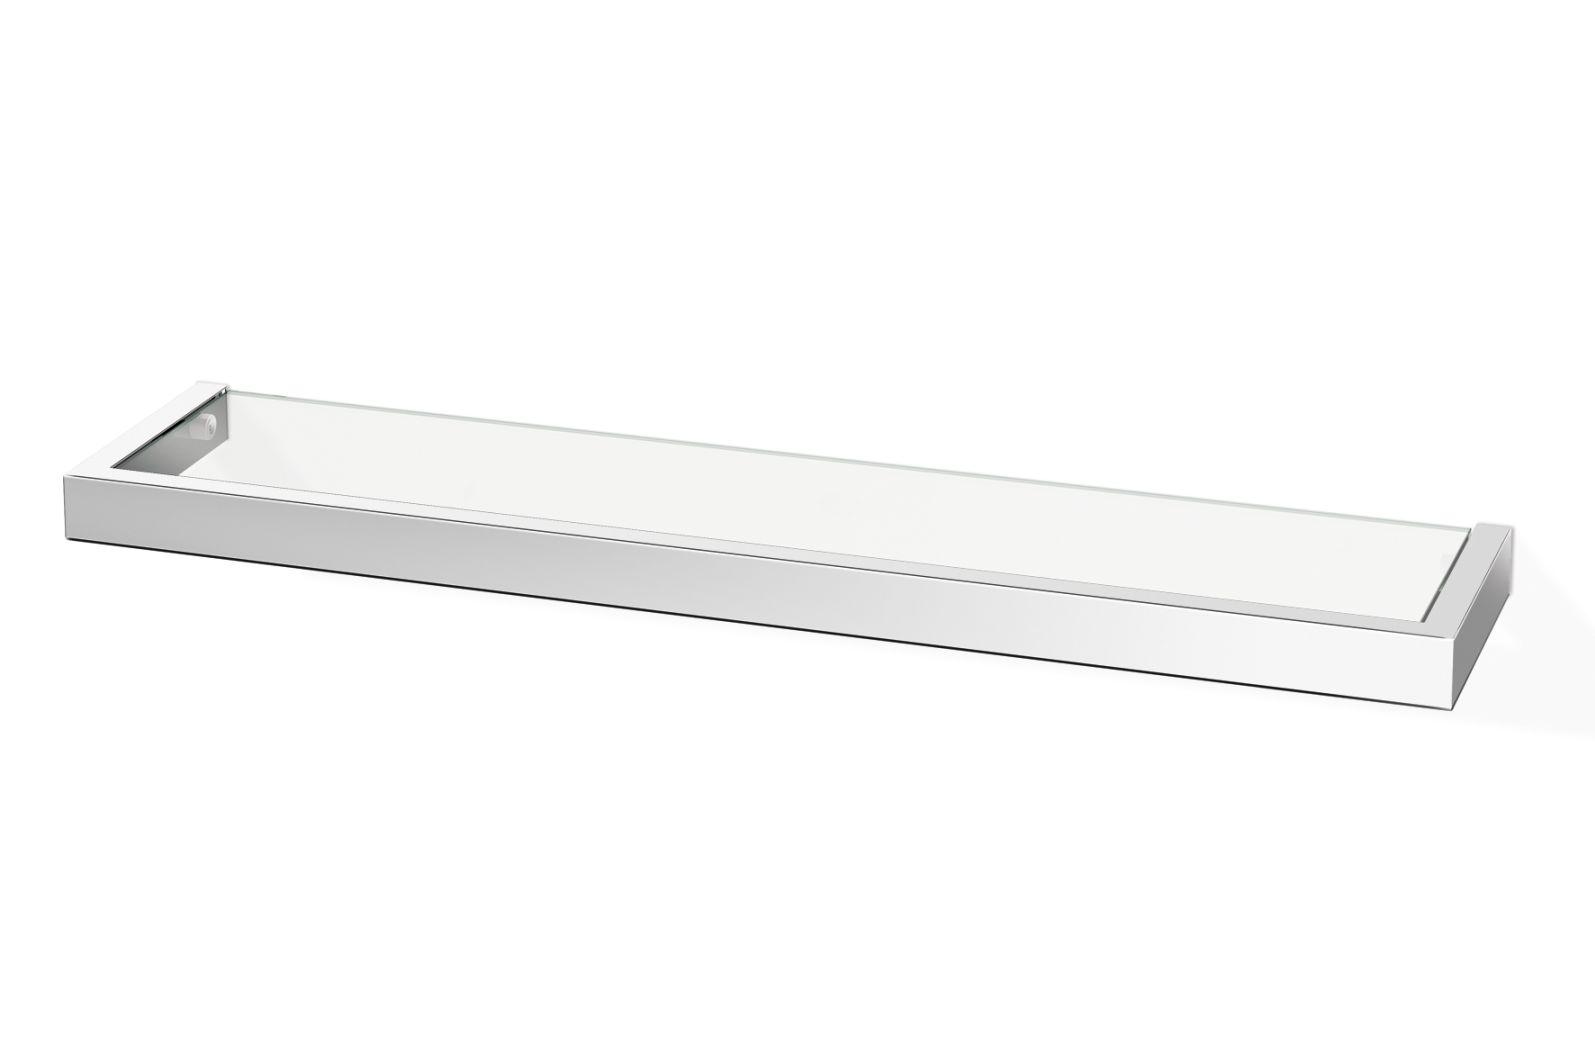 Koupelnová police LINEA, lesklá 61,5 cm - ZACK